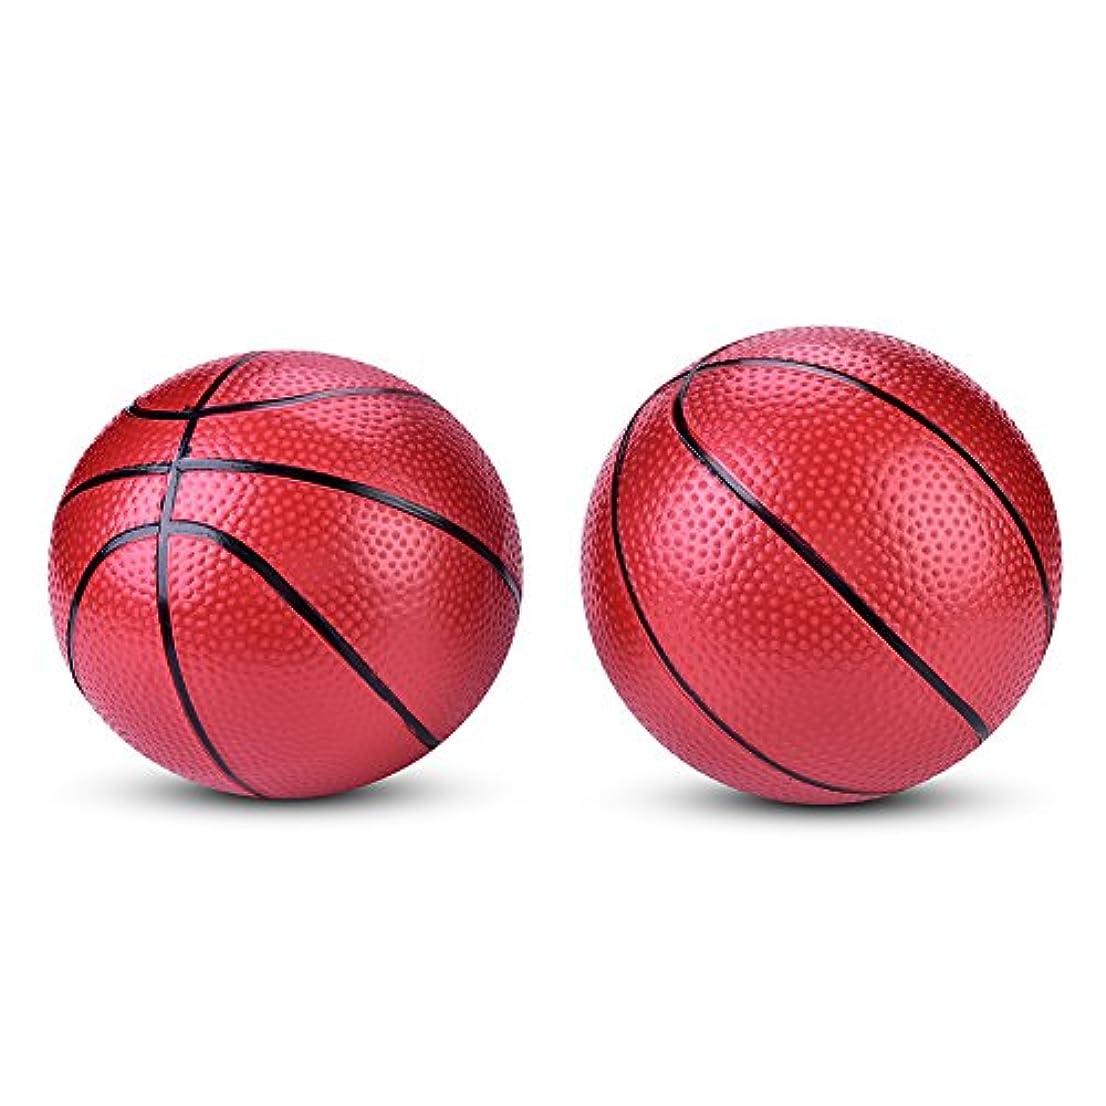 小道義務的項目二個入り 子供用バスケットボール バスケおもちゃ キッズ 室内ミニバスケット 玩具 家族 運動 贈り物 子供へのプレゼント 誕生日ギフト クリスマスギフト